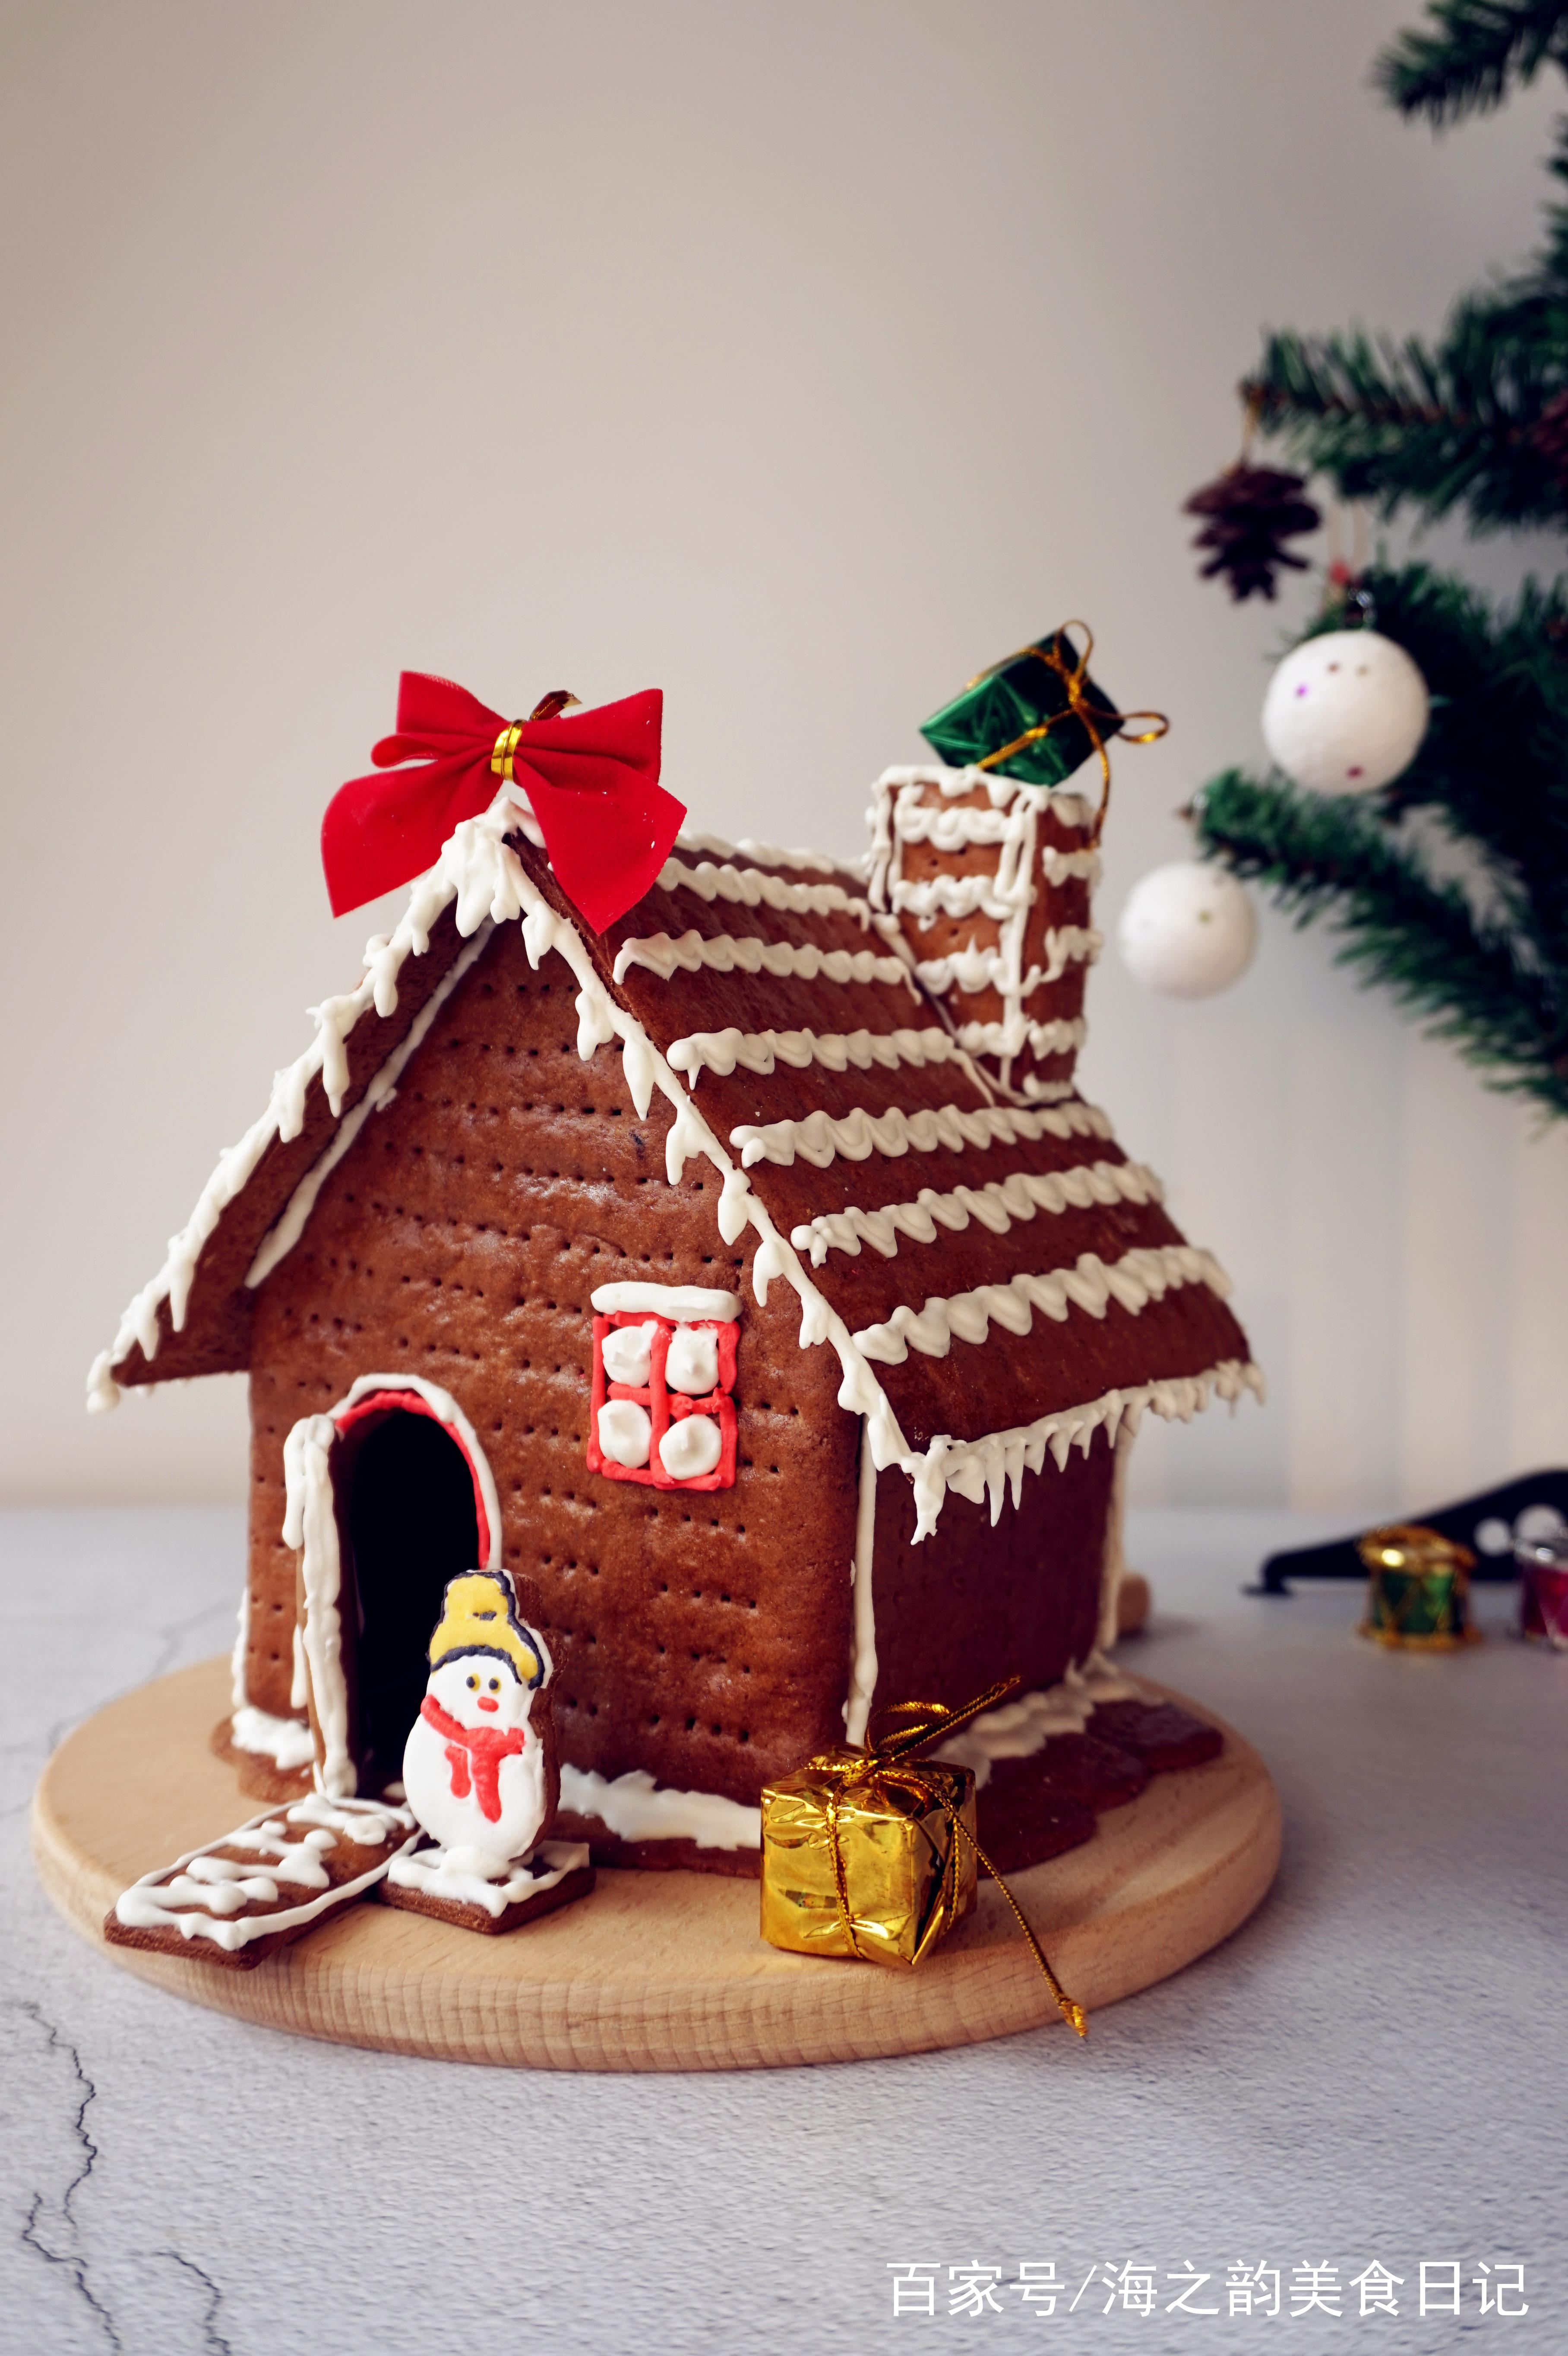 详细步骤教你做出童话般的圣诞姜饼屋,一次就成功!